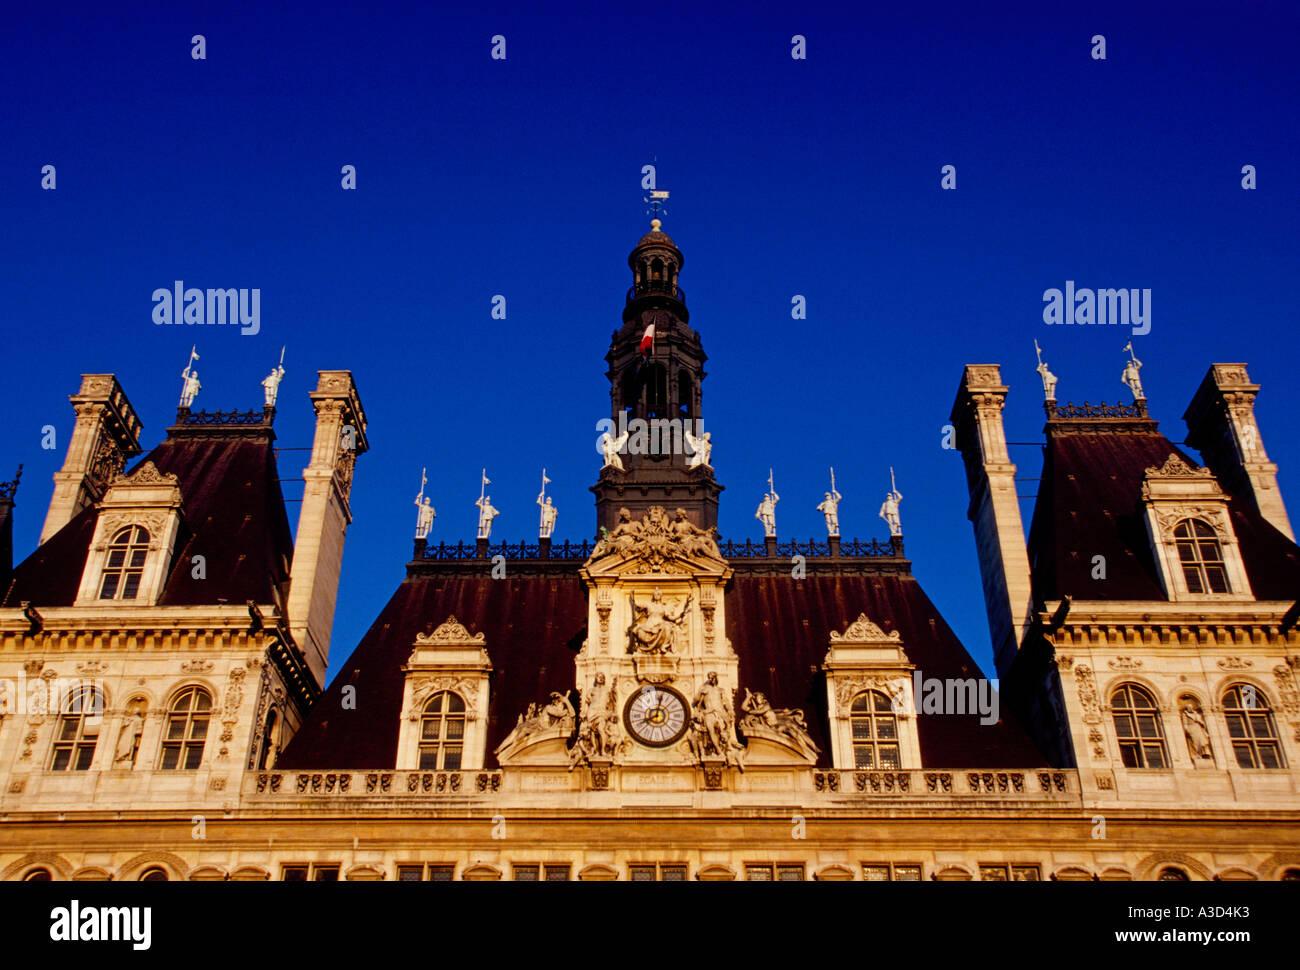 Hotel de Ville, City Hall, neo-Renaissance architecture, neo-Renaissance  architectural style, city of Paris, Ile-de-France, France, Europe - Stock Image